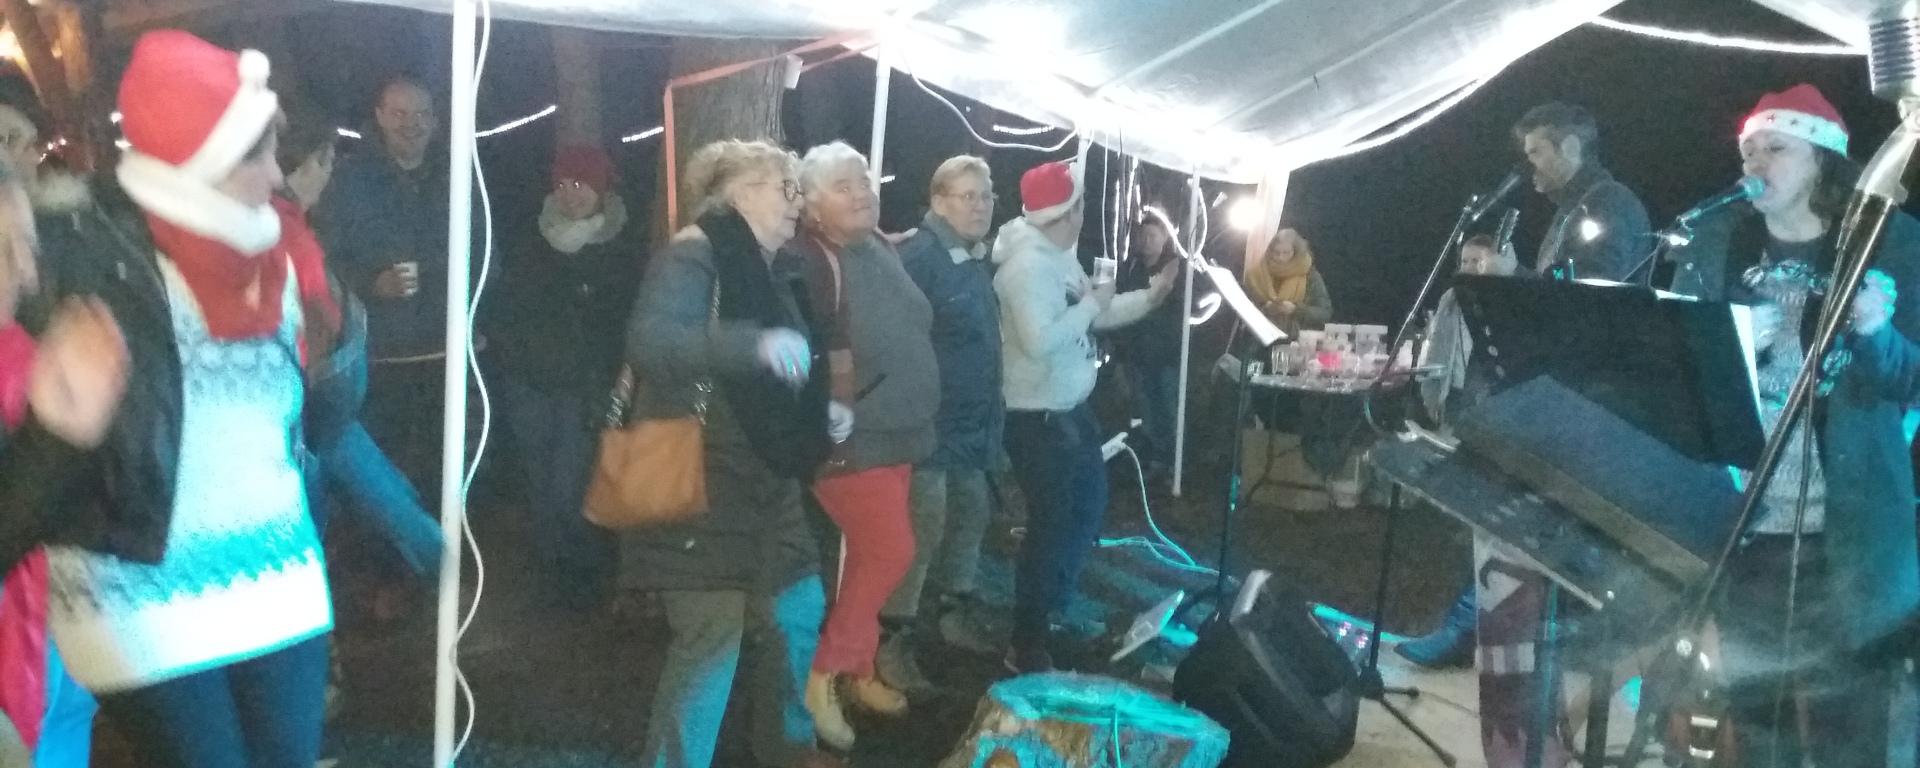 Concert Kerstmarkt Lva 22 December 2018 The Fabs